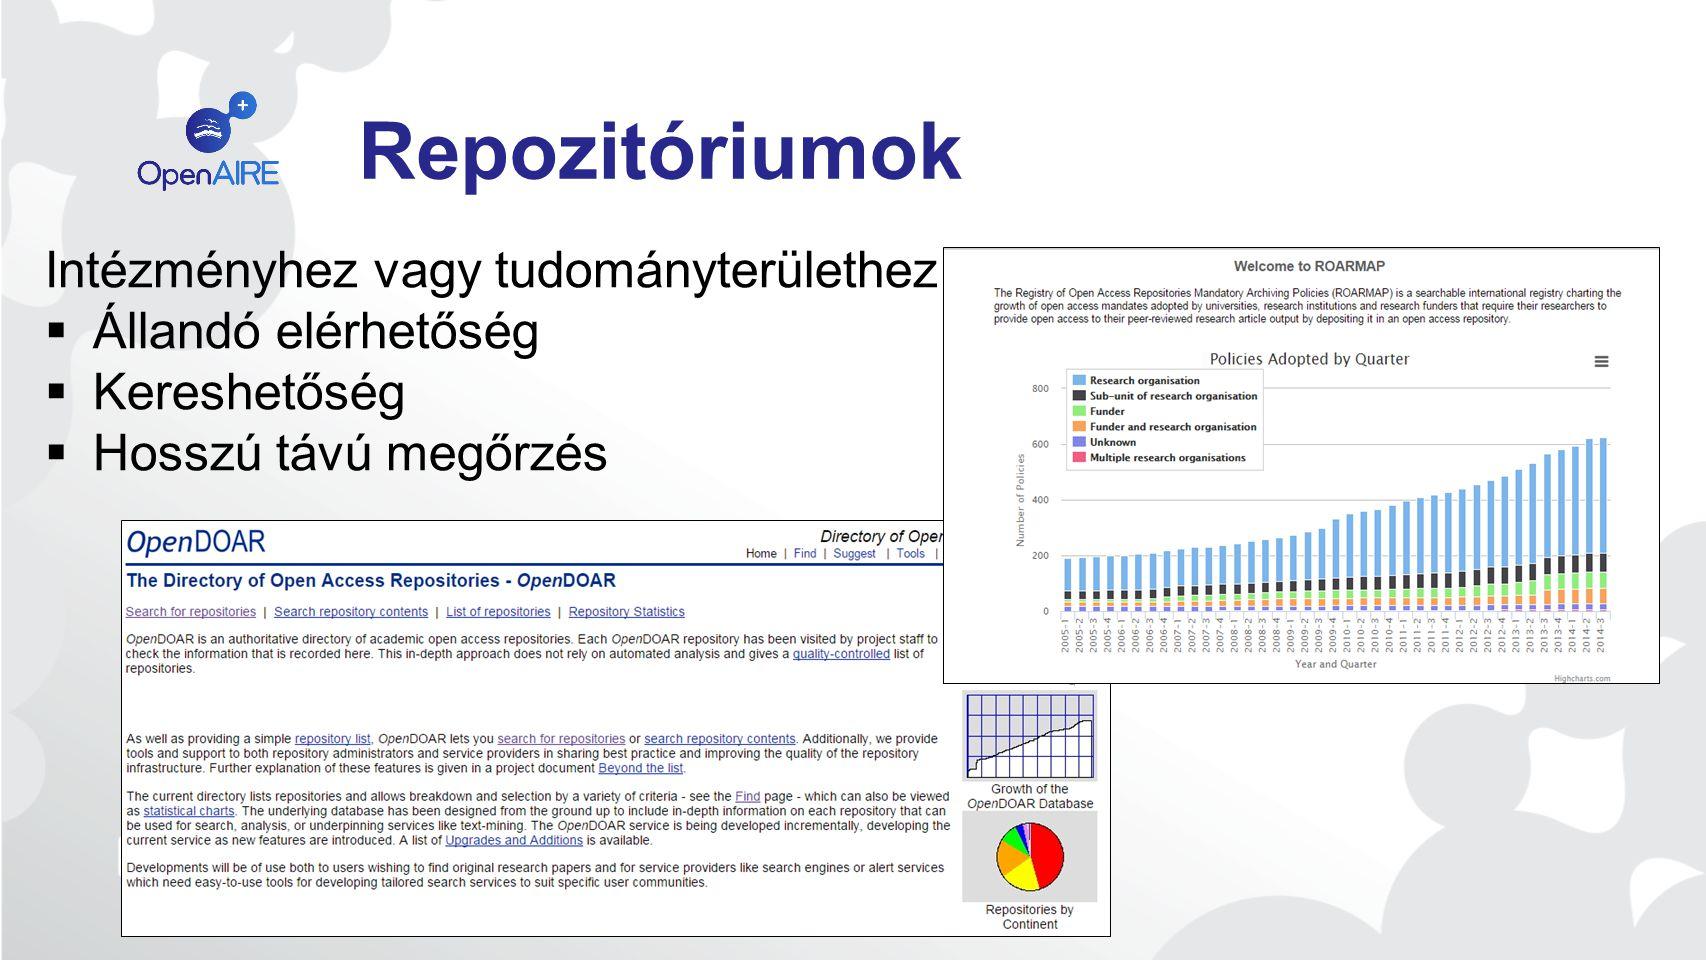 Értéknövelt publikáció Enhanced publication (EP) A hagyományos kiadványt (könyvet, cikket vagy jelentést) további információkkal egészítenek ki.